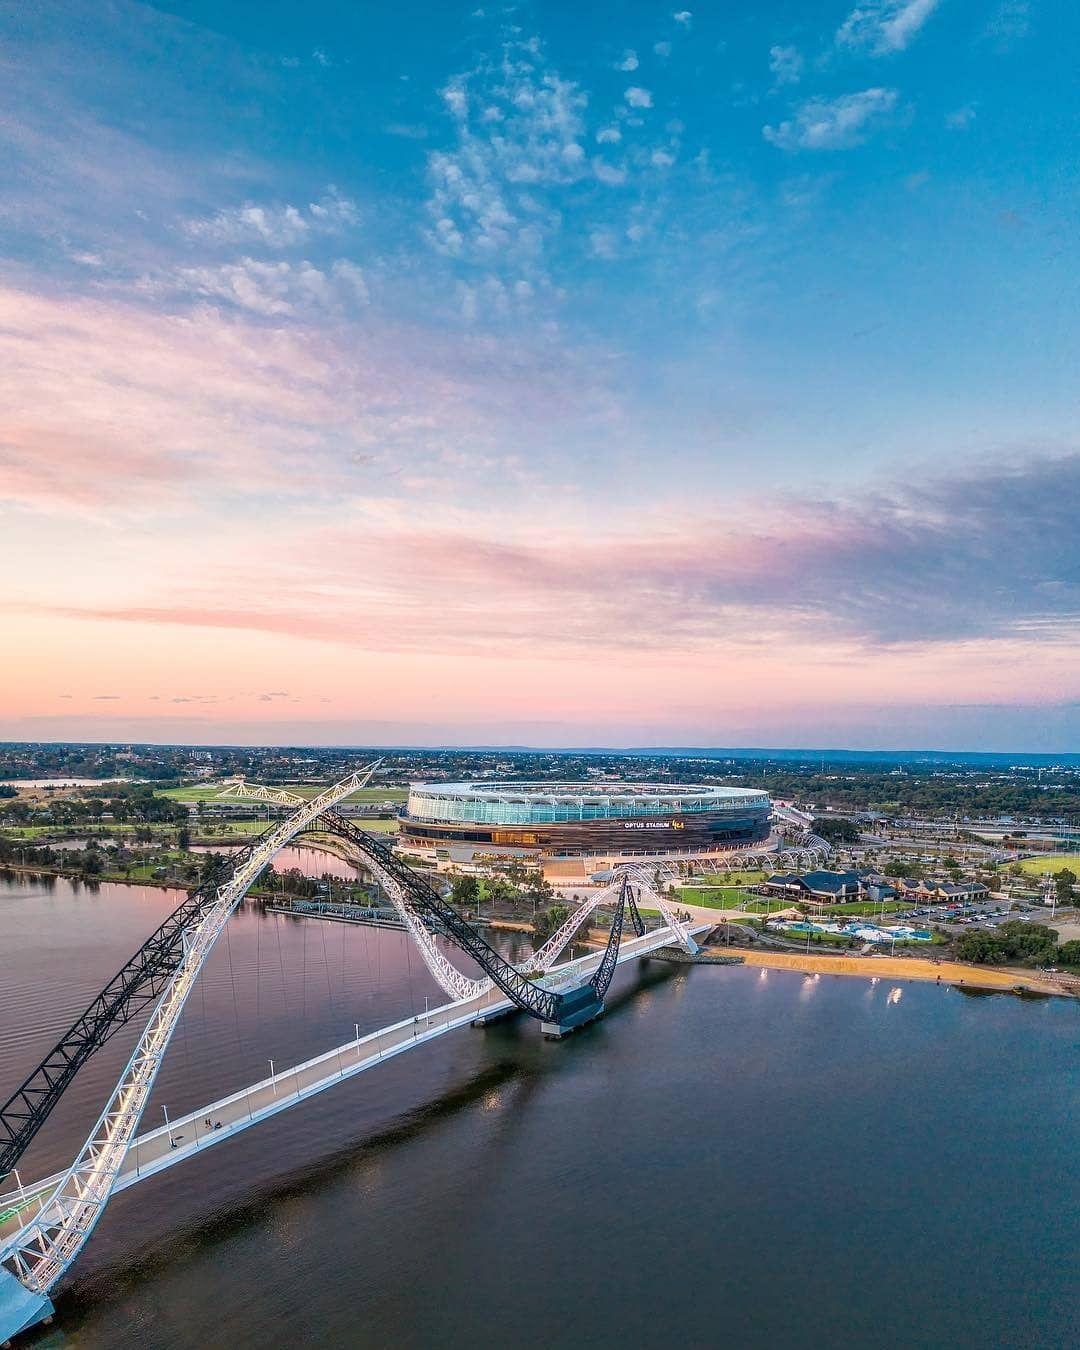 Matagarup Bridge And Optus Stadium Perth Stadium Bridge Instagram